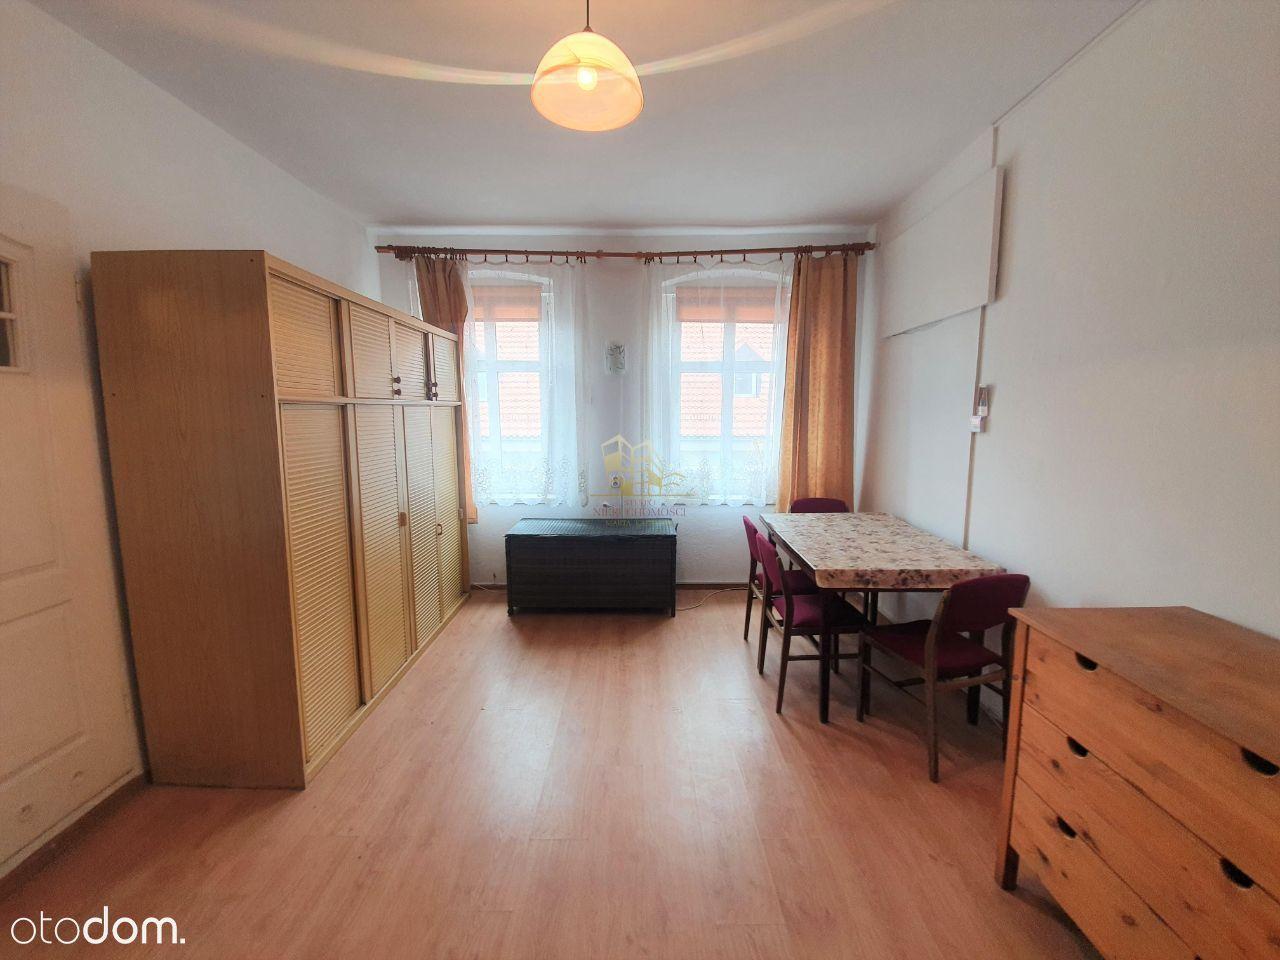 Mieszkanie 2 pok./II piętro/Dzierżoniów!